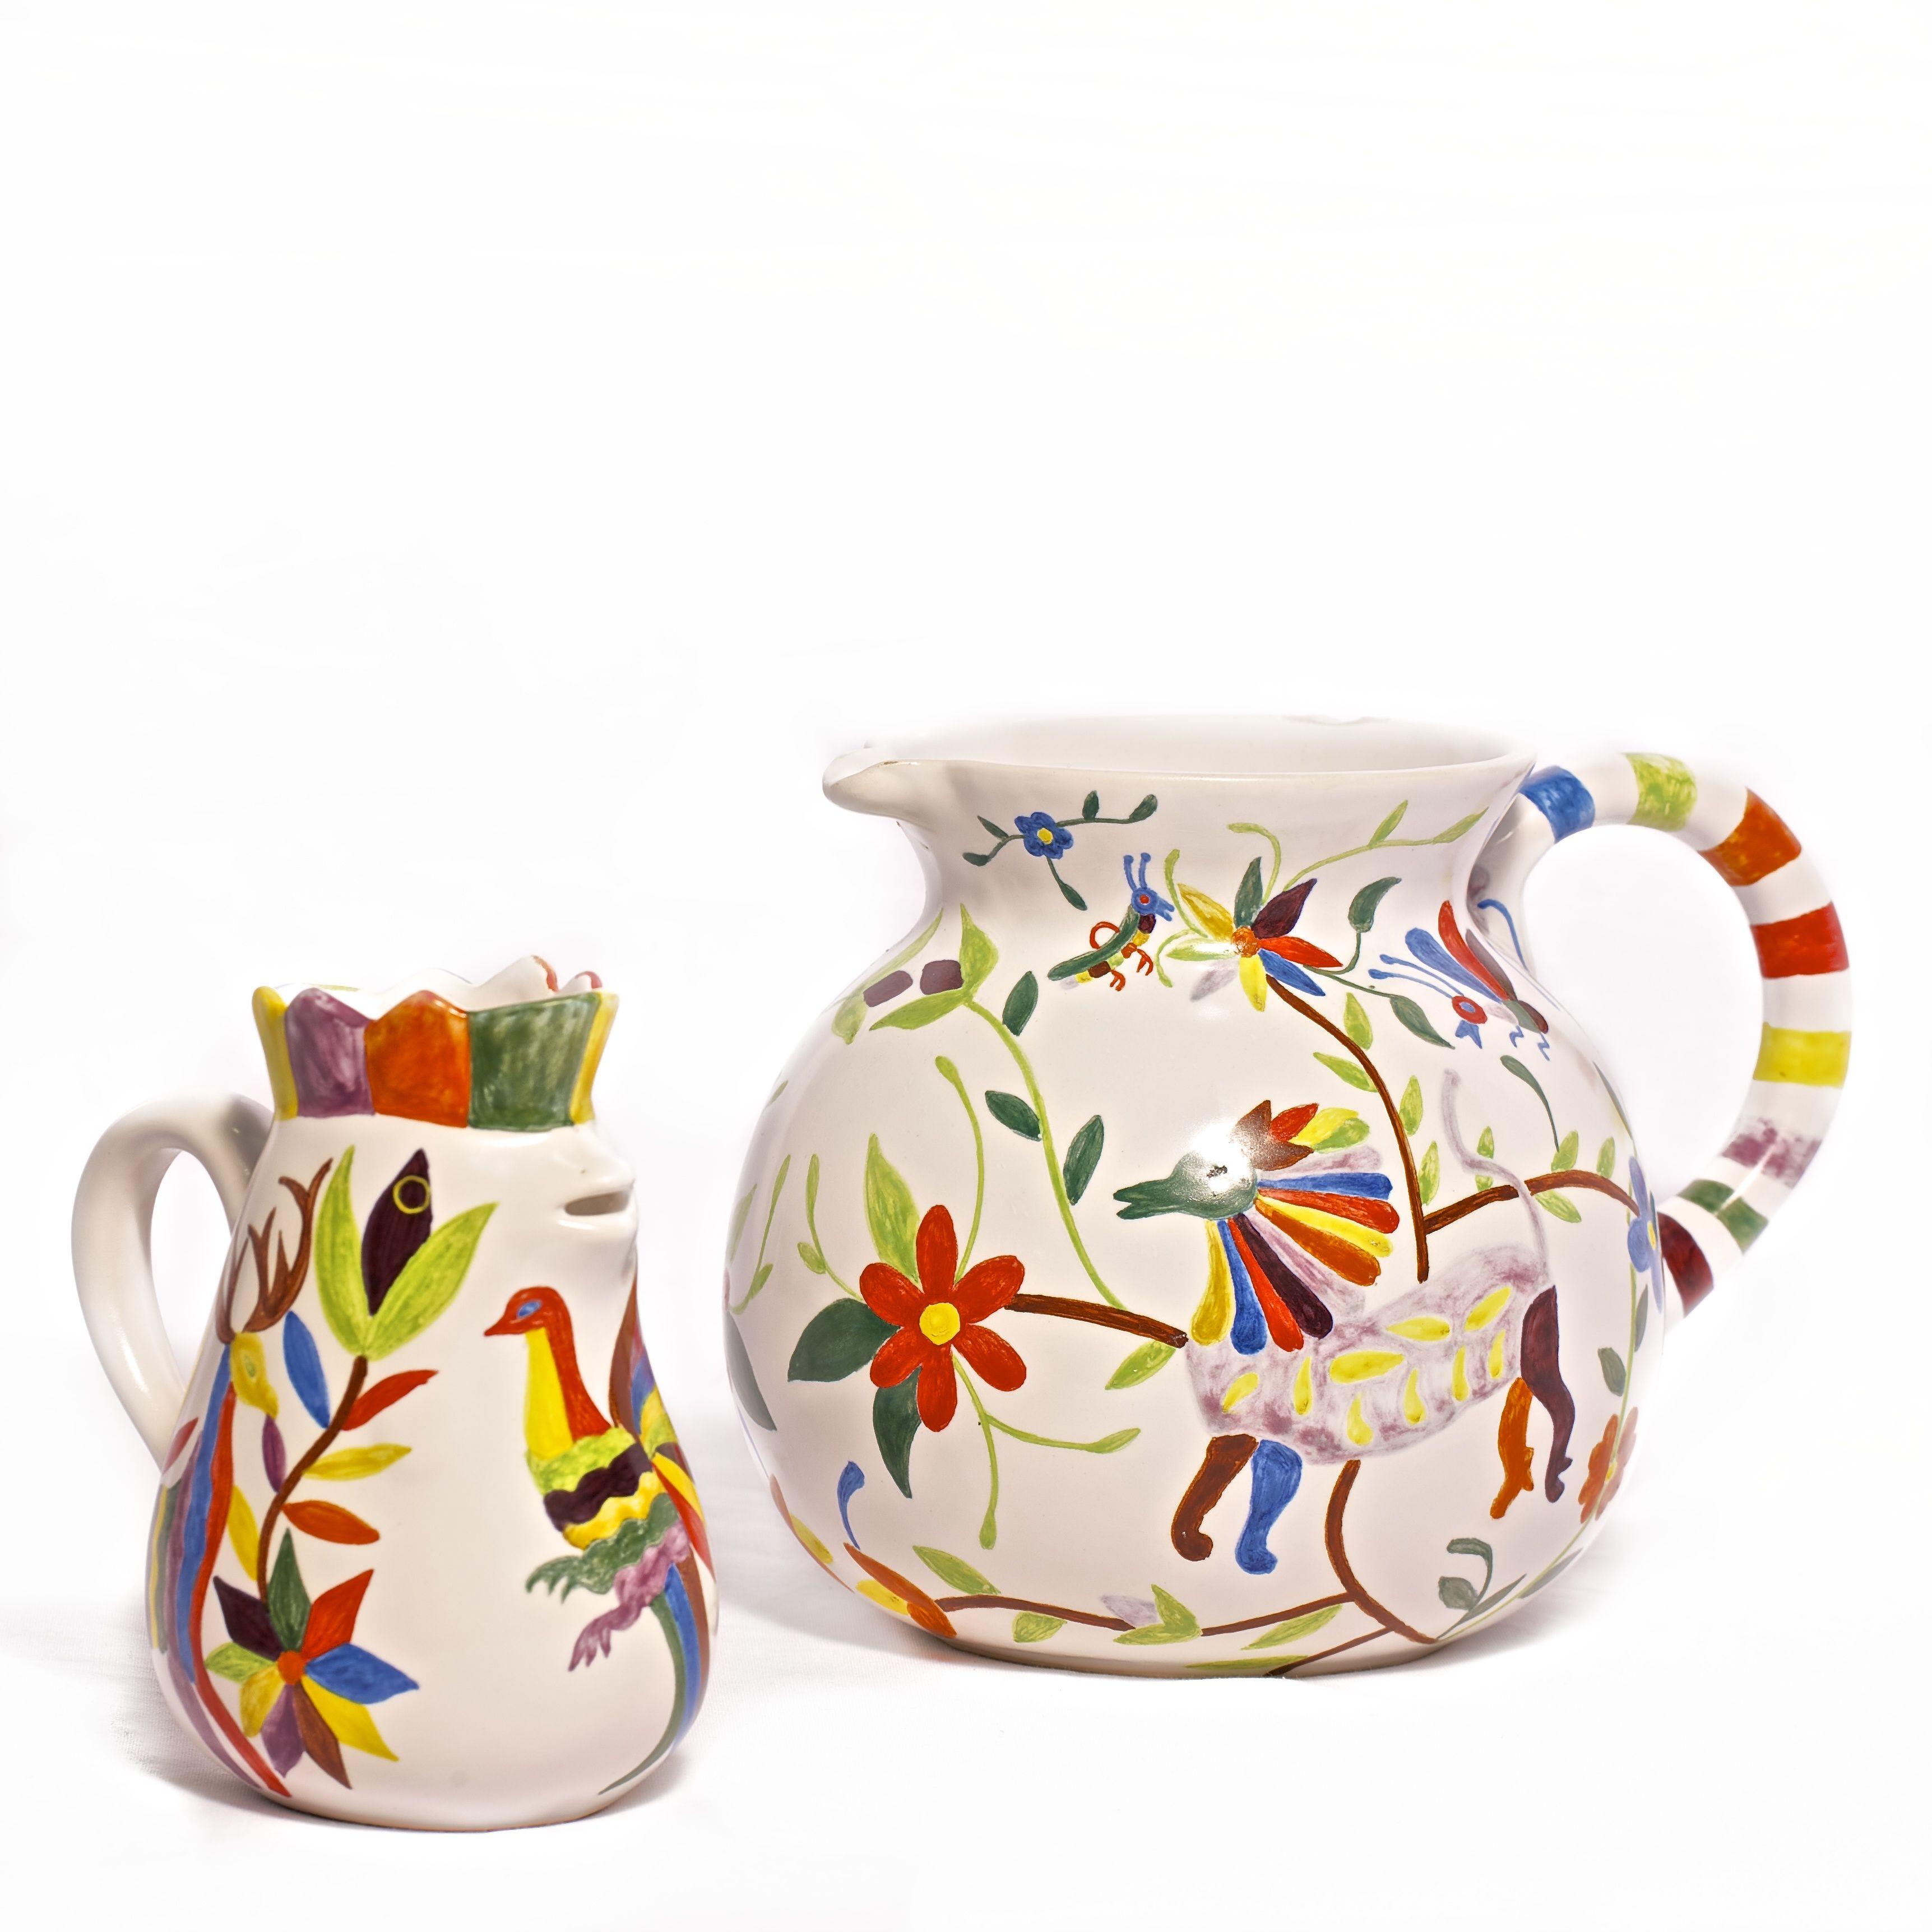 Cer mica estanzuela vajillas y accesorios de cer mica Stickers decorativos para ceramica